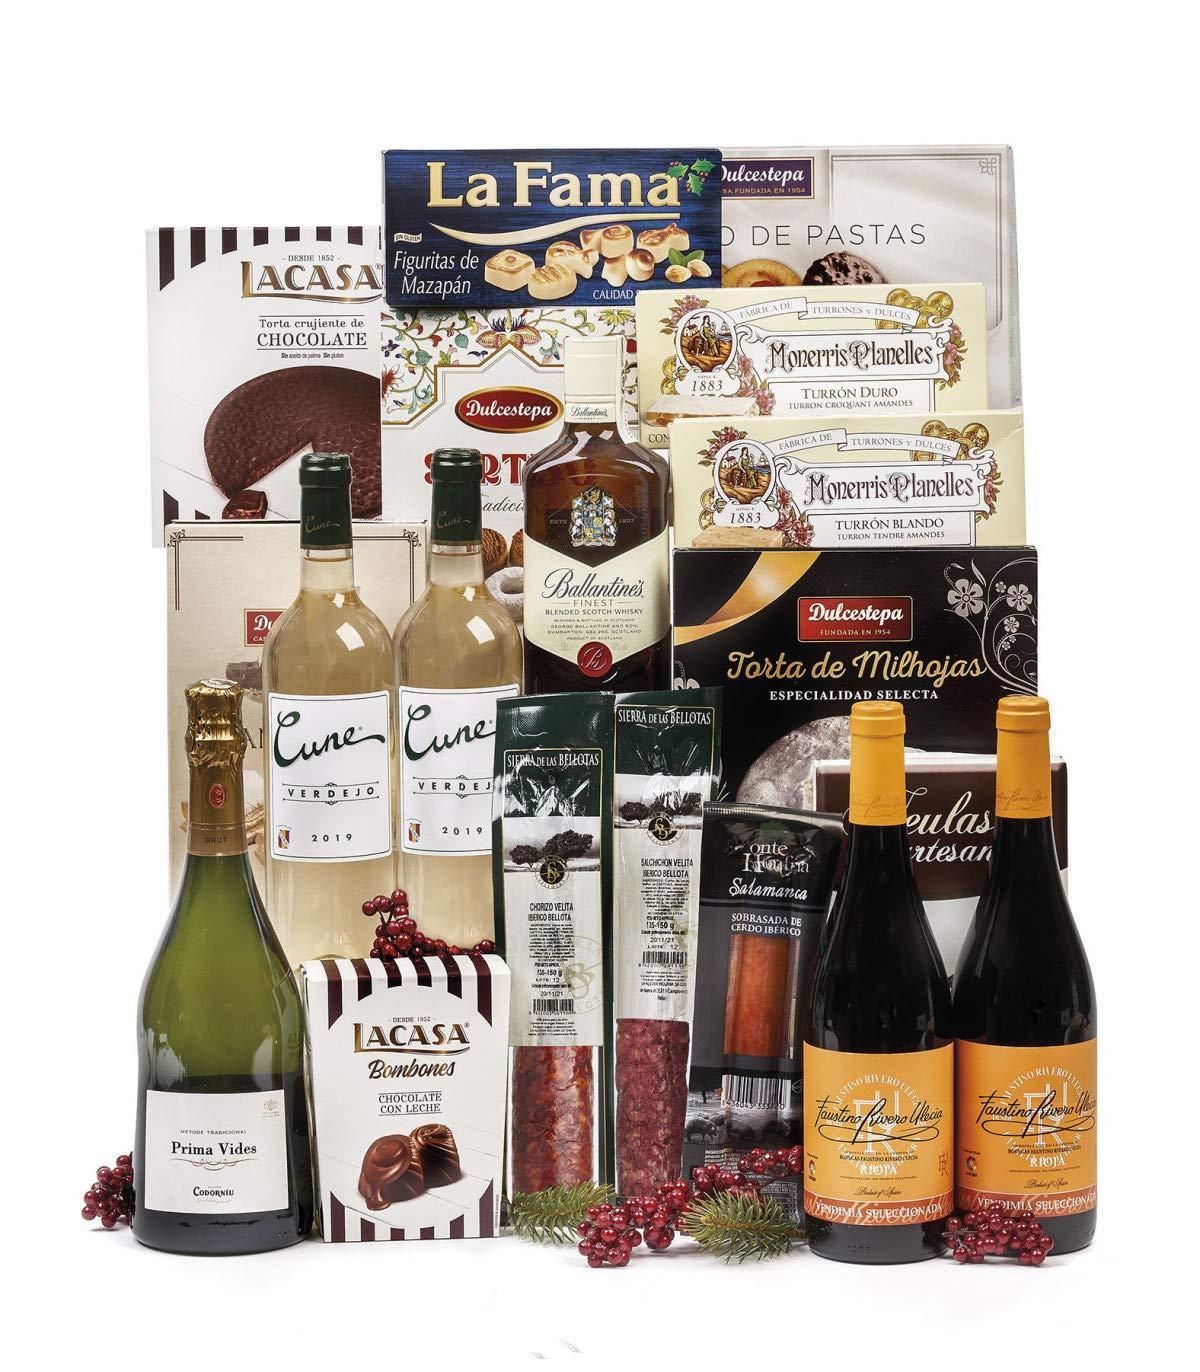 Lote de Navidad con botella de whisky Chivas Regal 12 años, queso, selección de ibéricos, vinos, licores y surtido de dulces navideños.: Amazon.es: Hogar